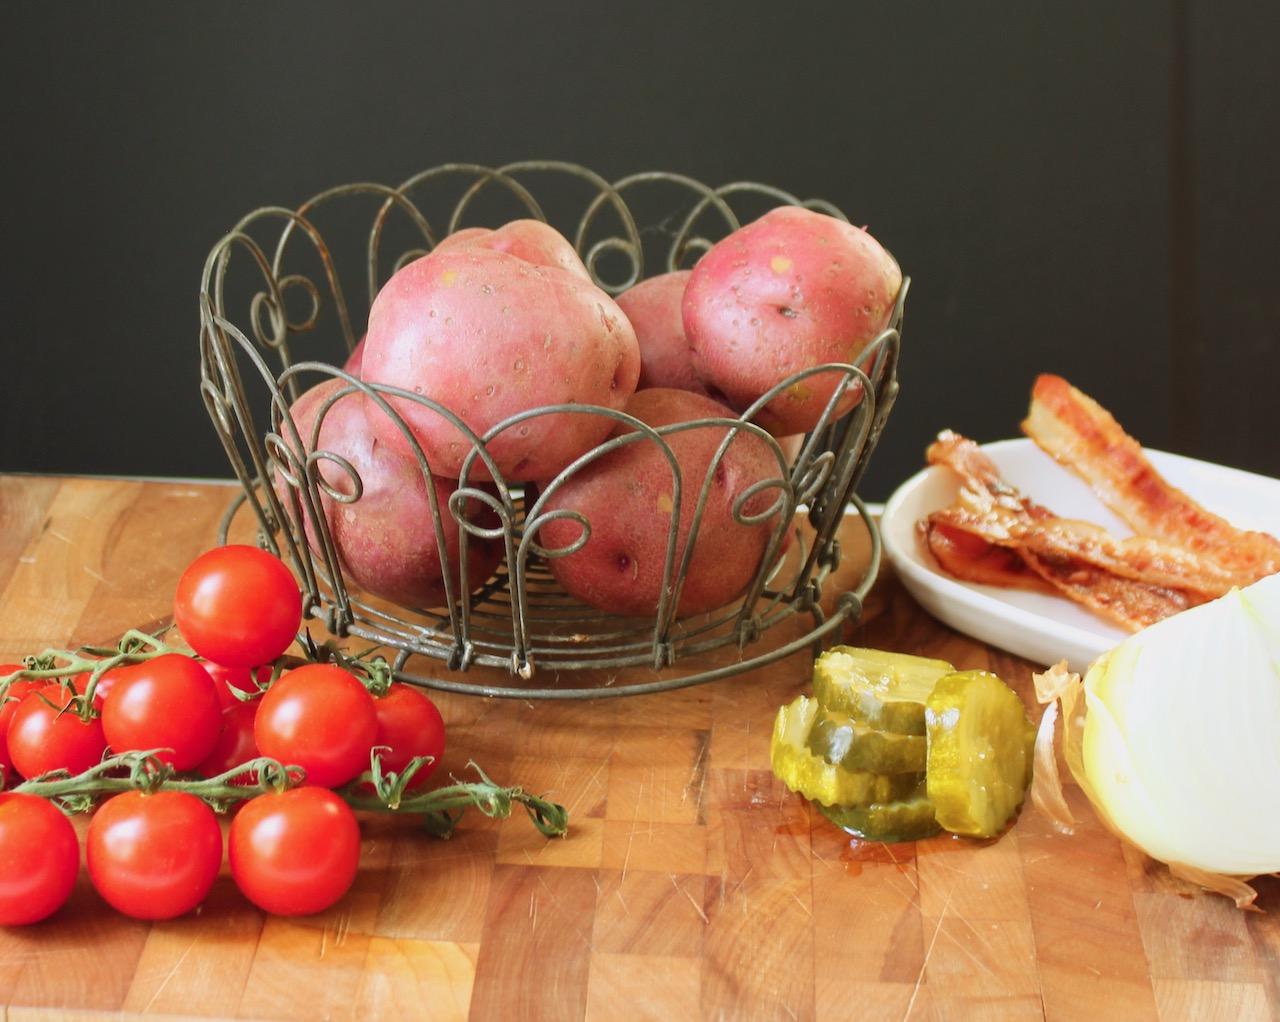 ingredients for bacon tomato potato salad